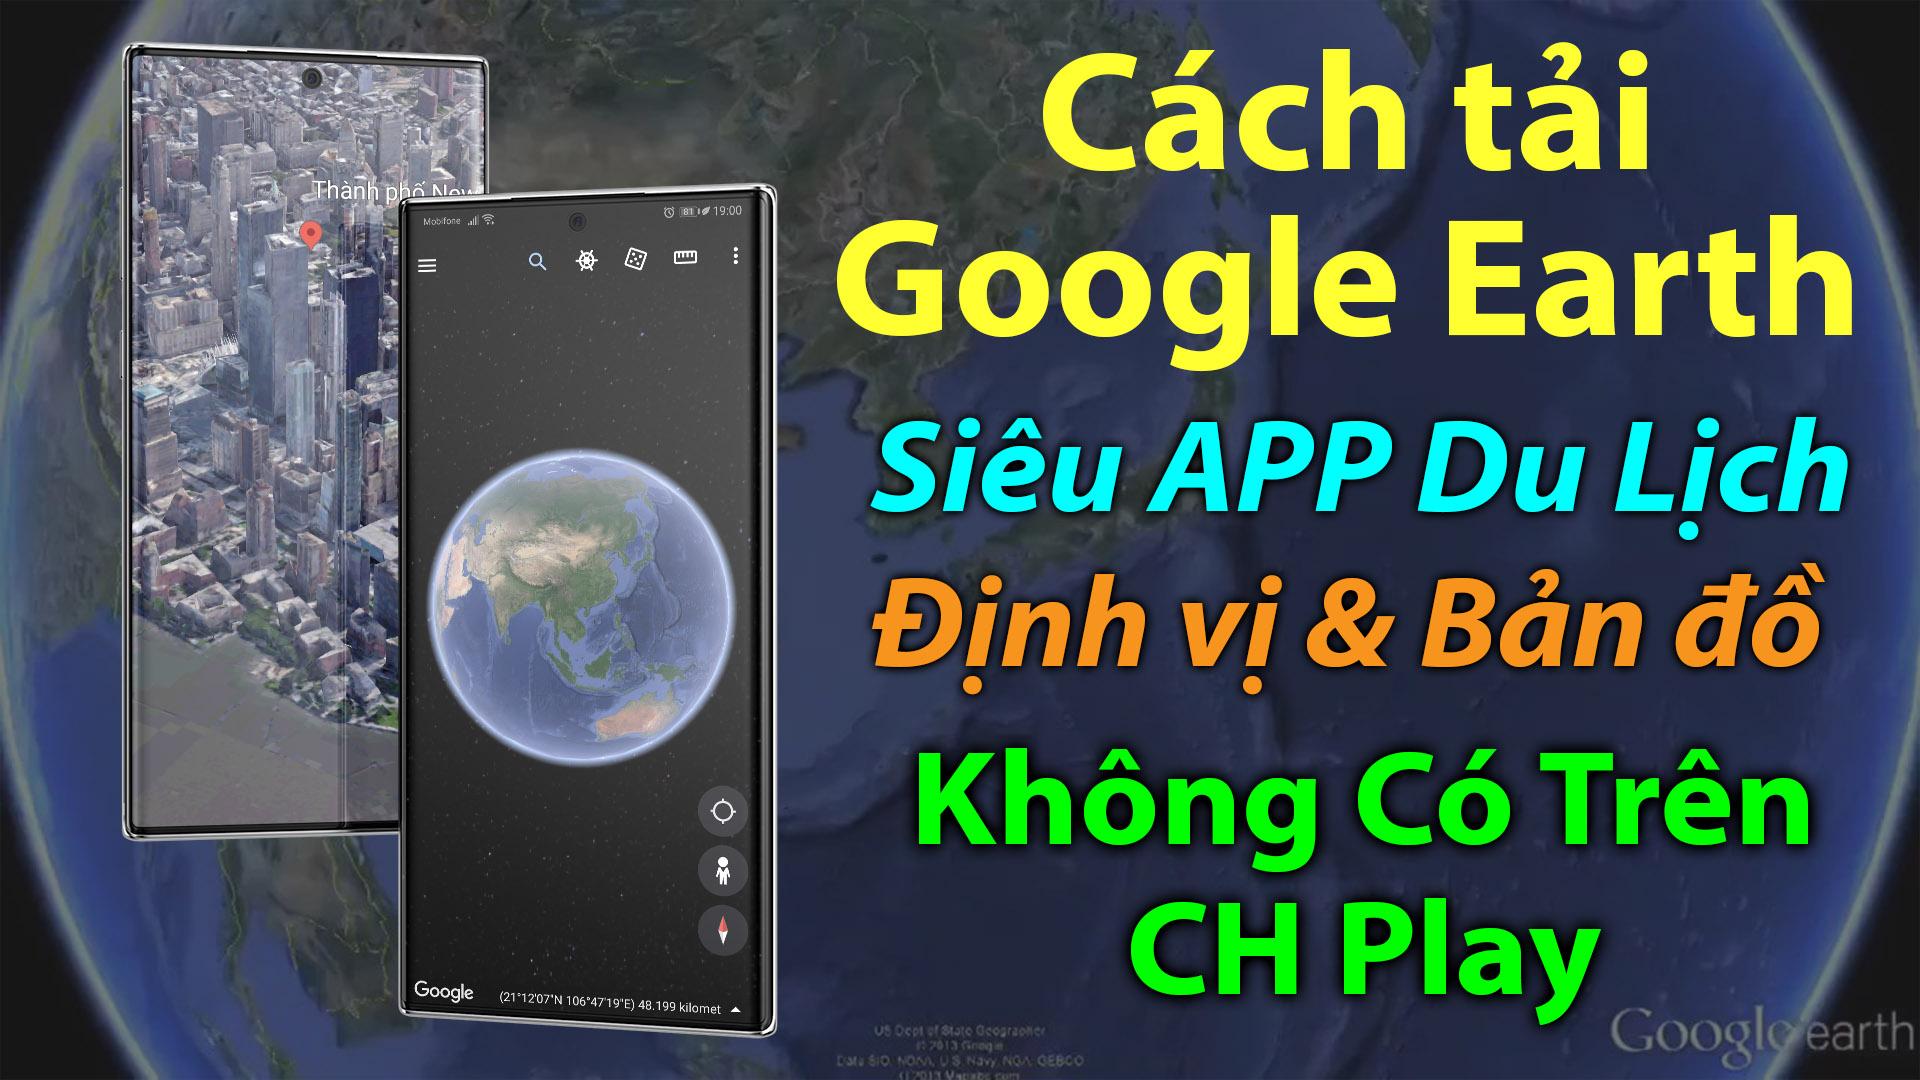 Cách tải và cài đặt Google Earth cho Android - Đi khắp thế giới trên điện thoại